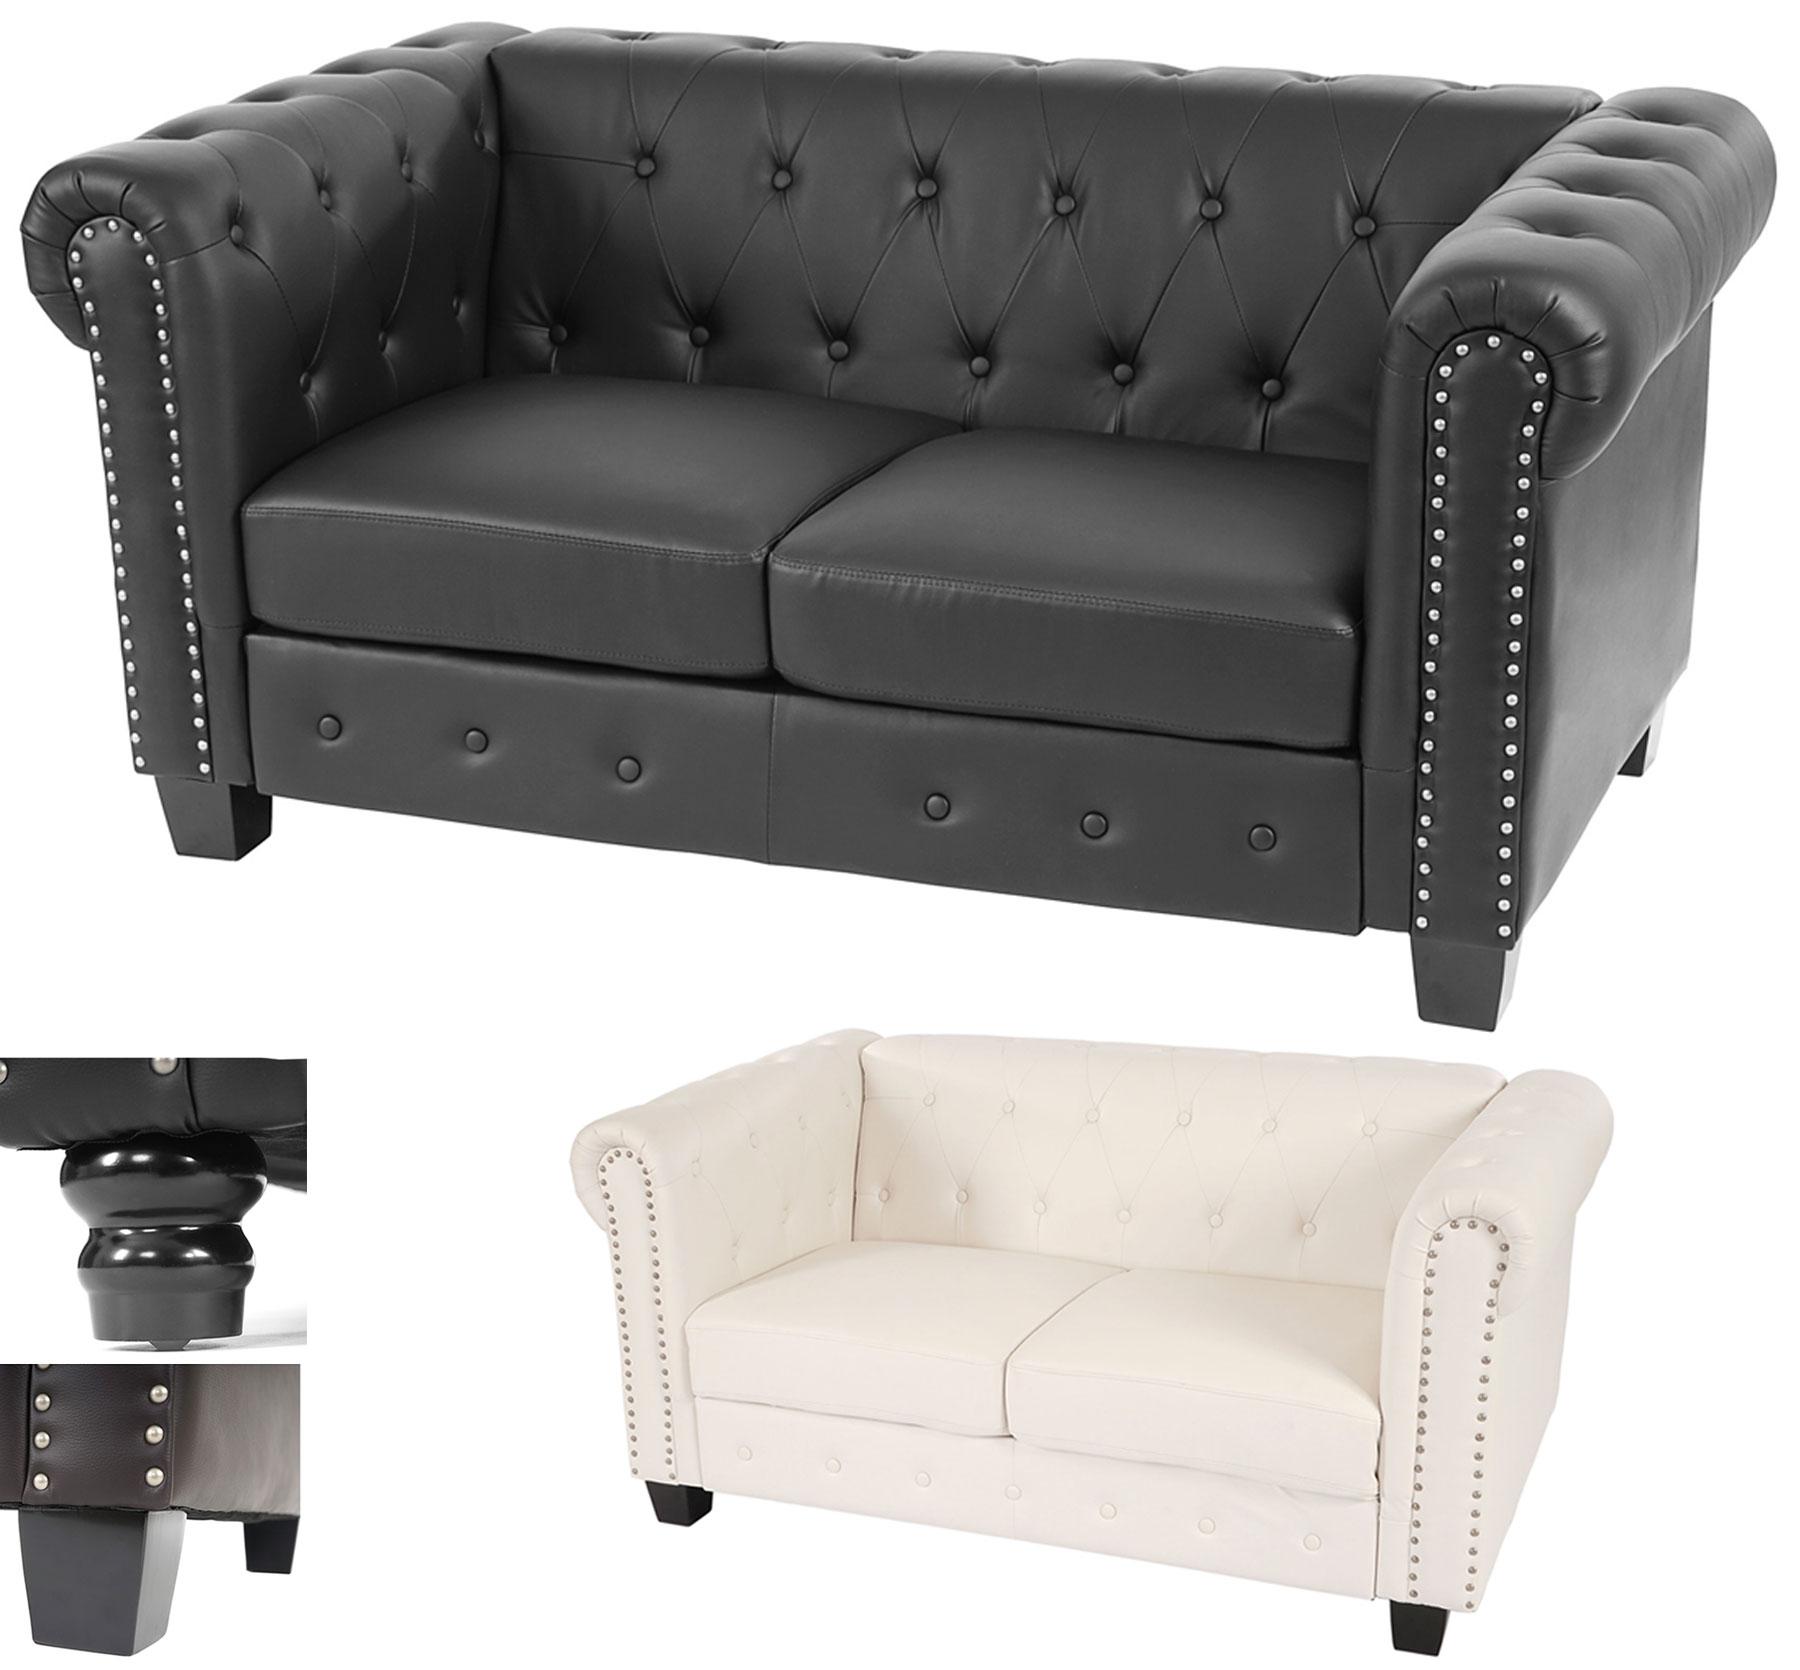 luxus 2er sofa chesterfield loungesofa kunstleder runde. Black Bedroom Furniture Sets. Home Design Ideas